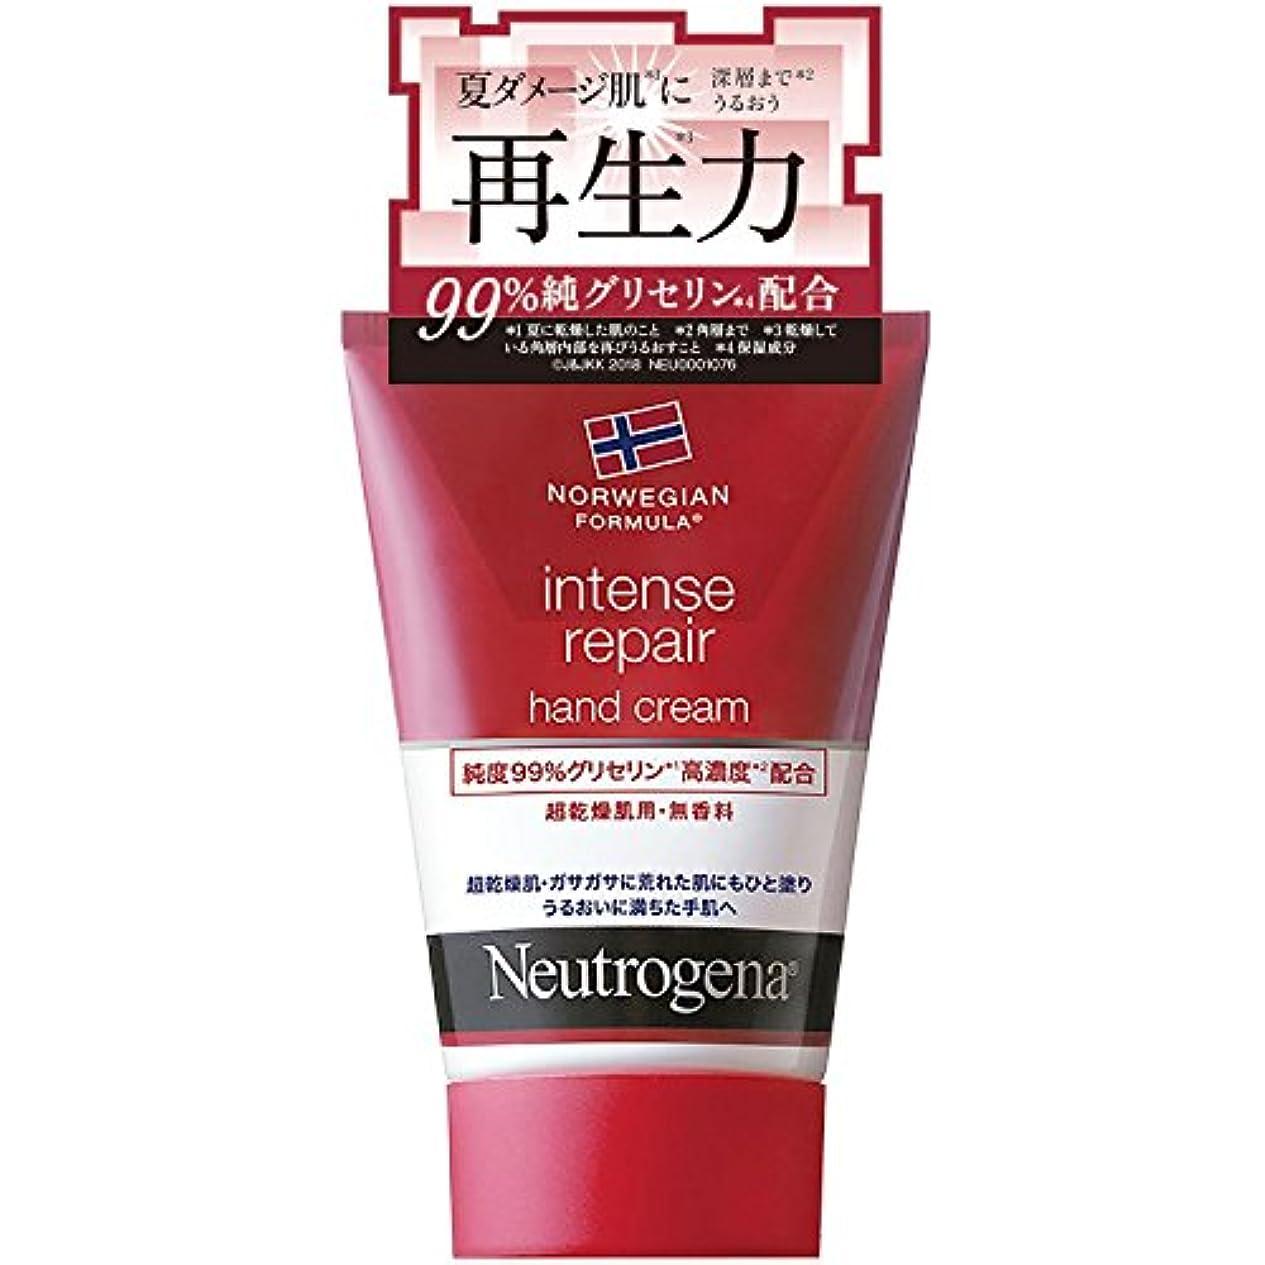 ファブリッククリープ頼むNeutrogena(ニュートロジーナ) ノルウェーフォーミュラ インテンスリペア ハンドクリーム 超乾燥肌用 無香料 単品 50g